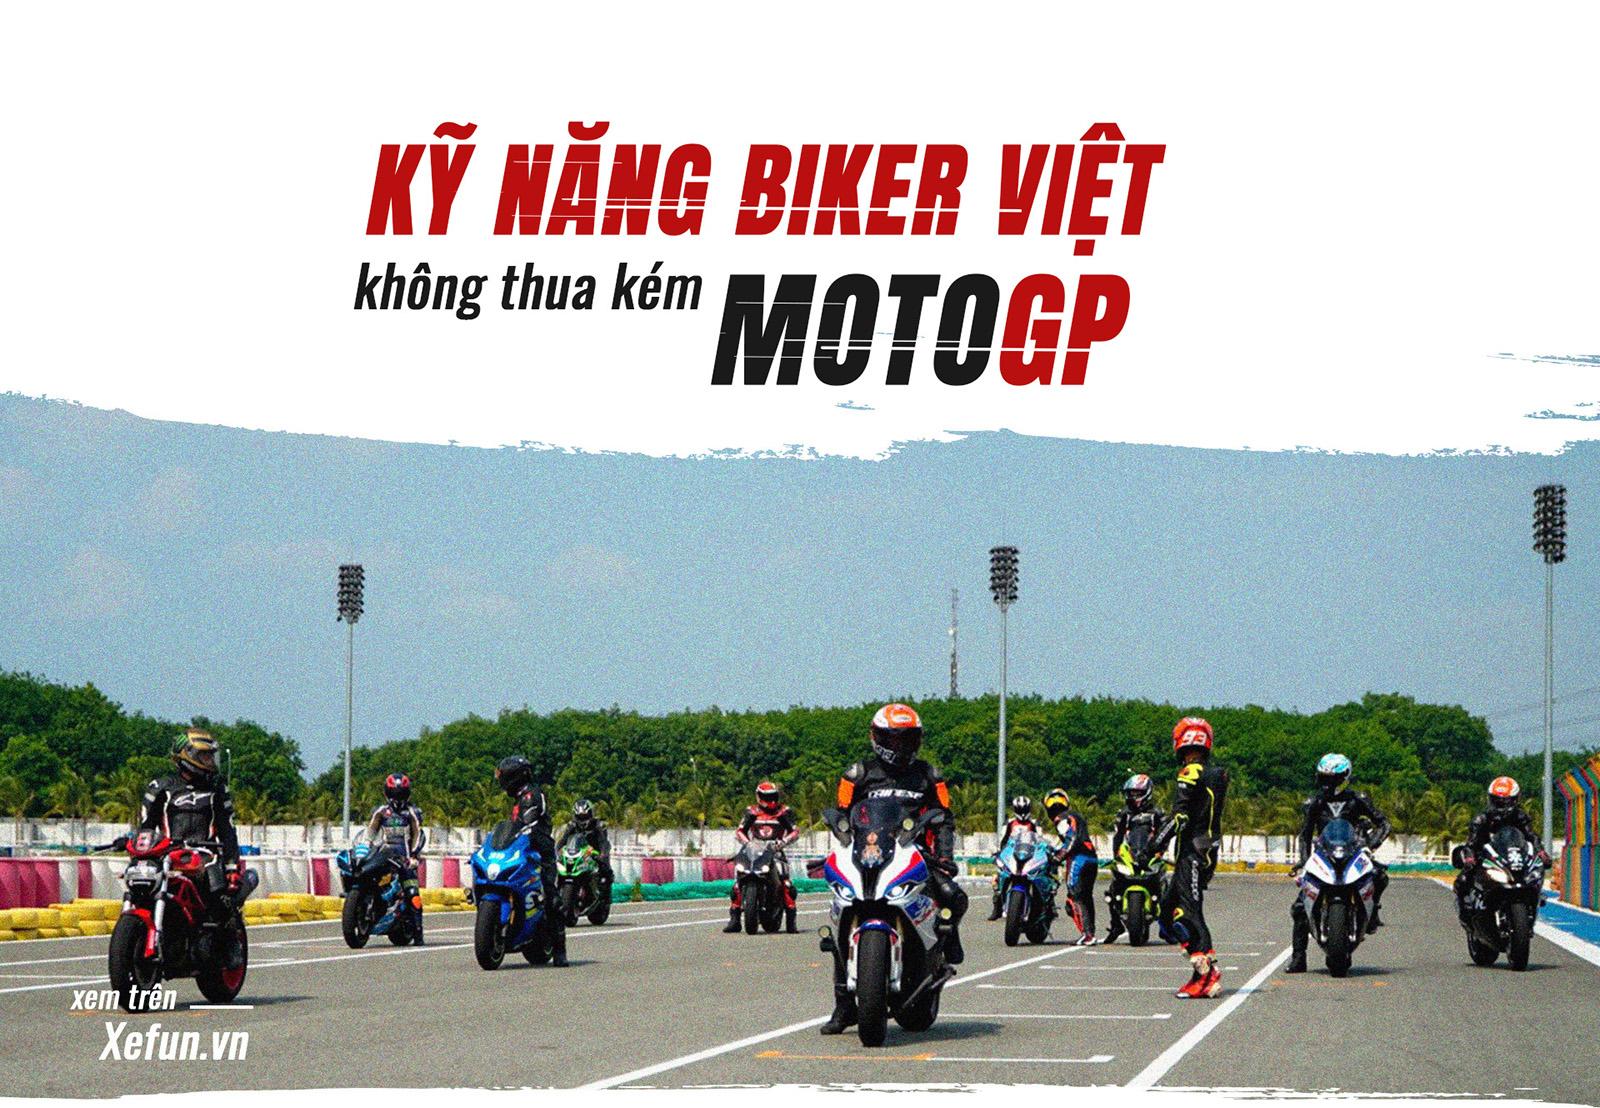 Phá kỷ lục nhanh nhất Việt Nam ở hệ xe Suzuki GSX-R1000 của anh Cương Cào Cào Trung tâm SRIDER Sài Gòn Xefun - 4